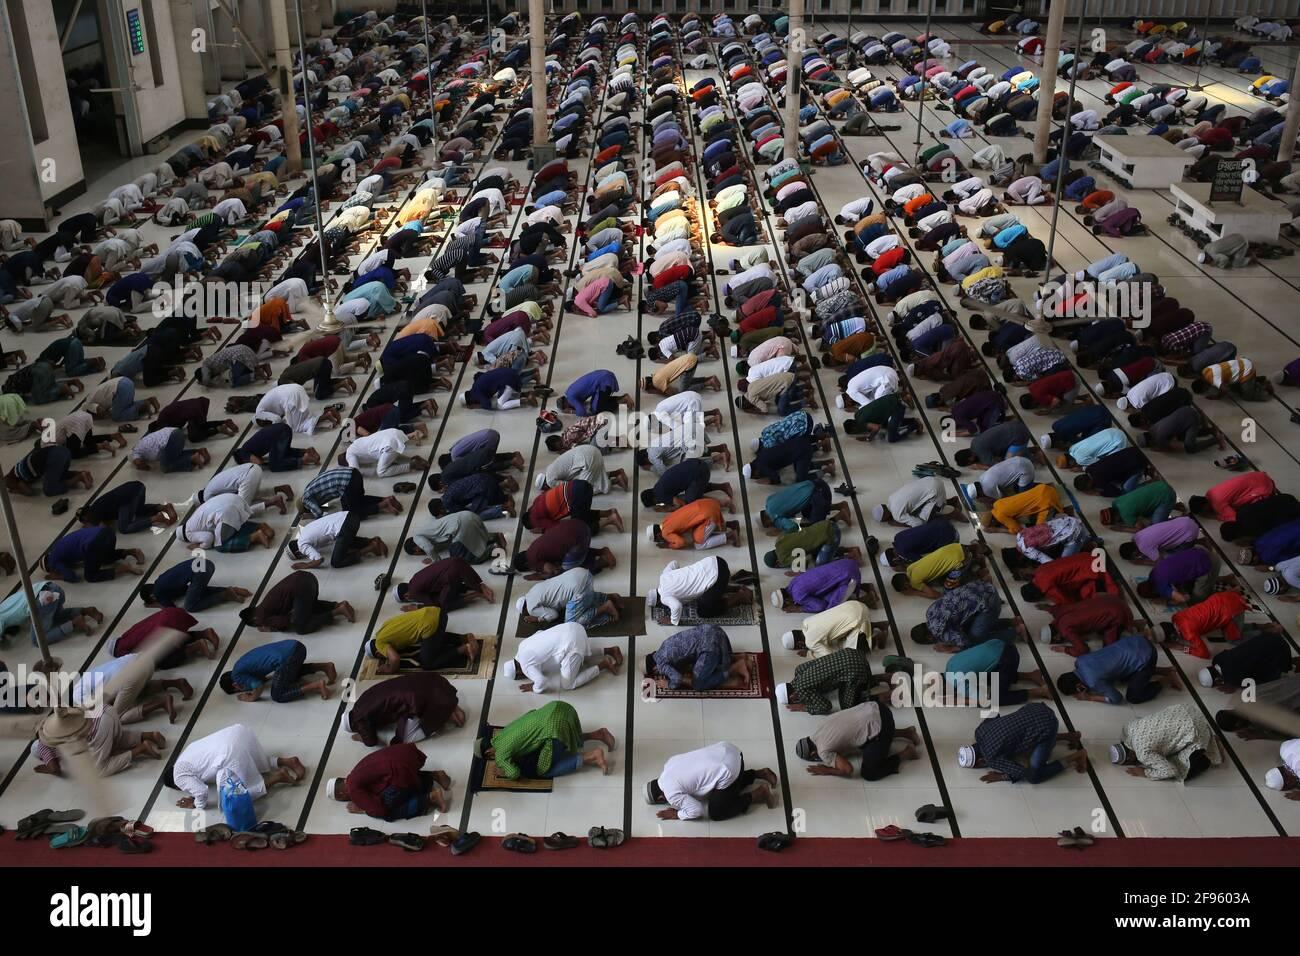 16 aprile 2021, Dhaka, Bangladesh: Si è visto che le persone ignoravano le questioni di sicurezza come l'allontanamento sociale mentre eseguivano la prima preghiera jumma del mese santo di ramadan durante il rigido blocco imposto dal governo a causa della pandemia COVID-19. (Immagine di credito: © Md. Rakibul Hasan/ZUMA Wire) Foto Stock